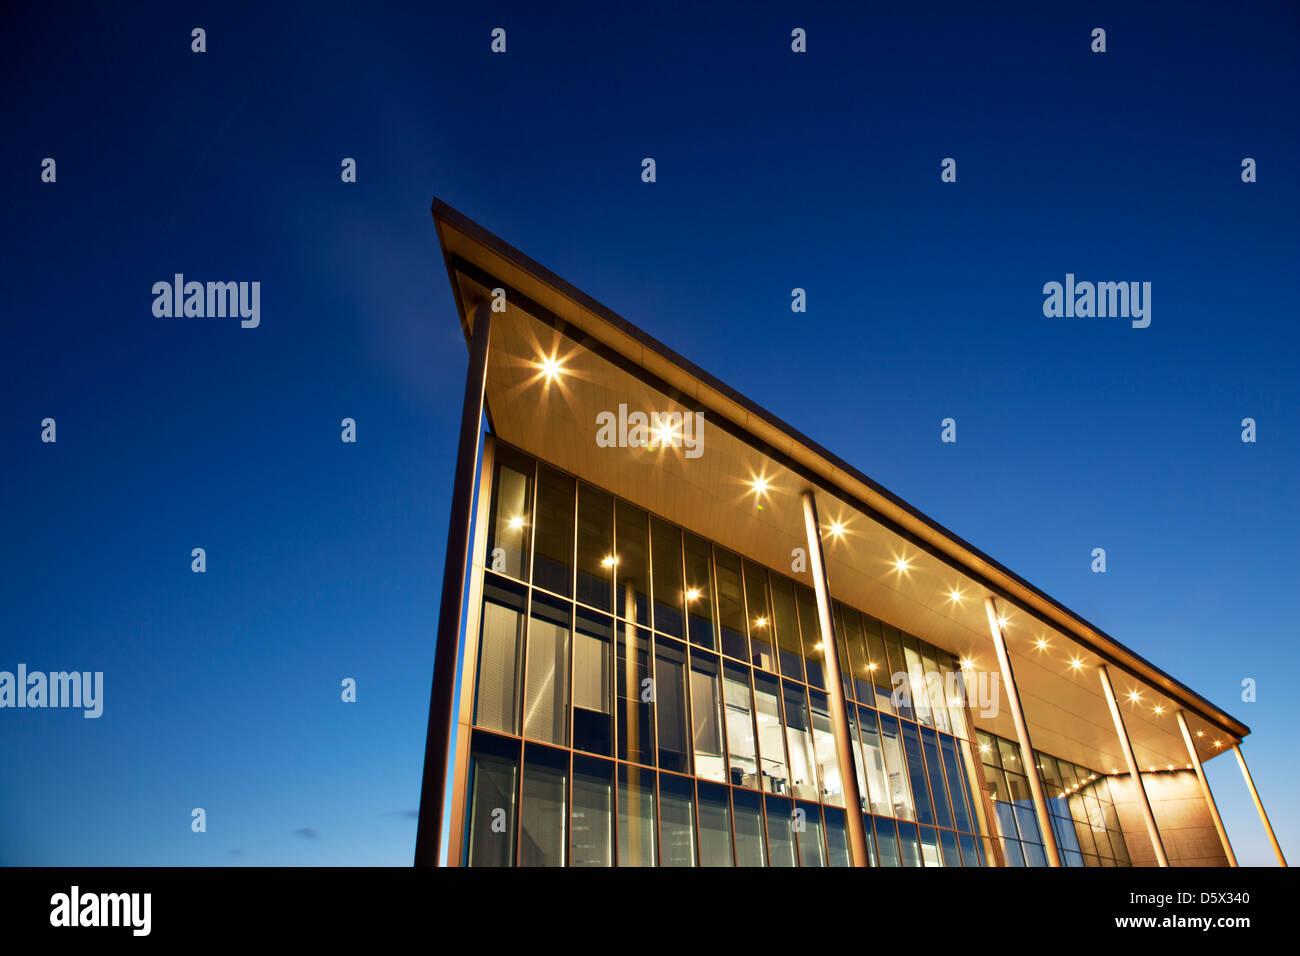 Moderno edificio iluminado al atardecer Imagen De Stock